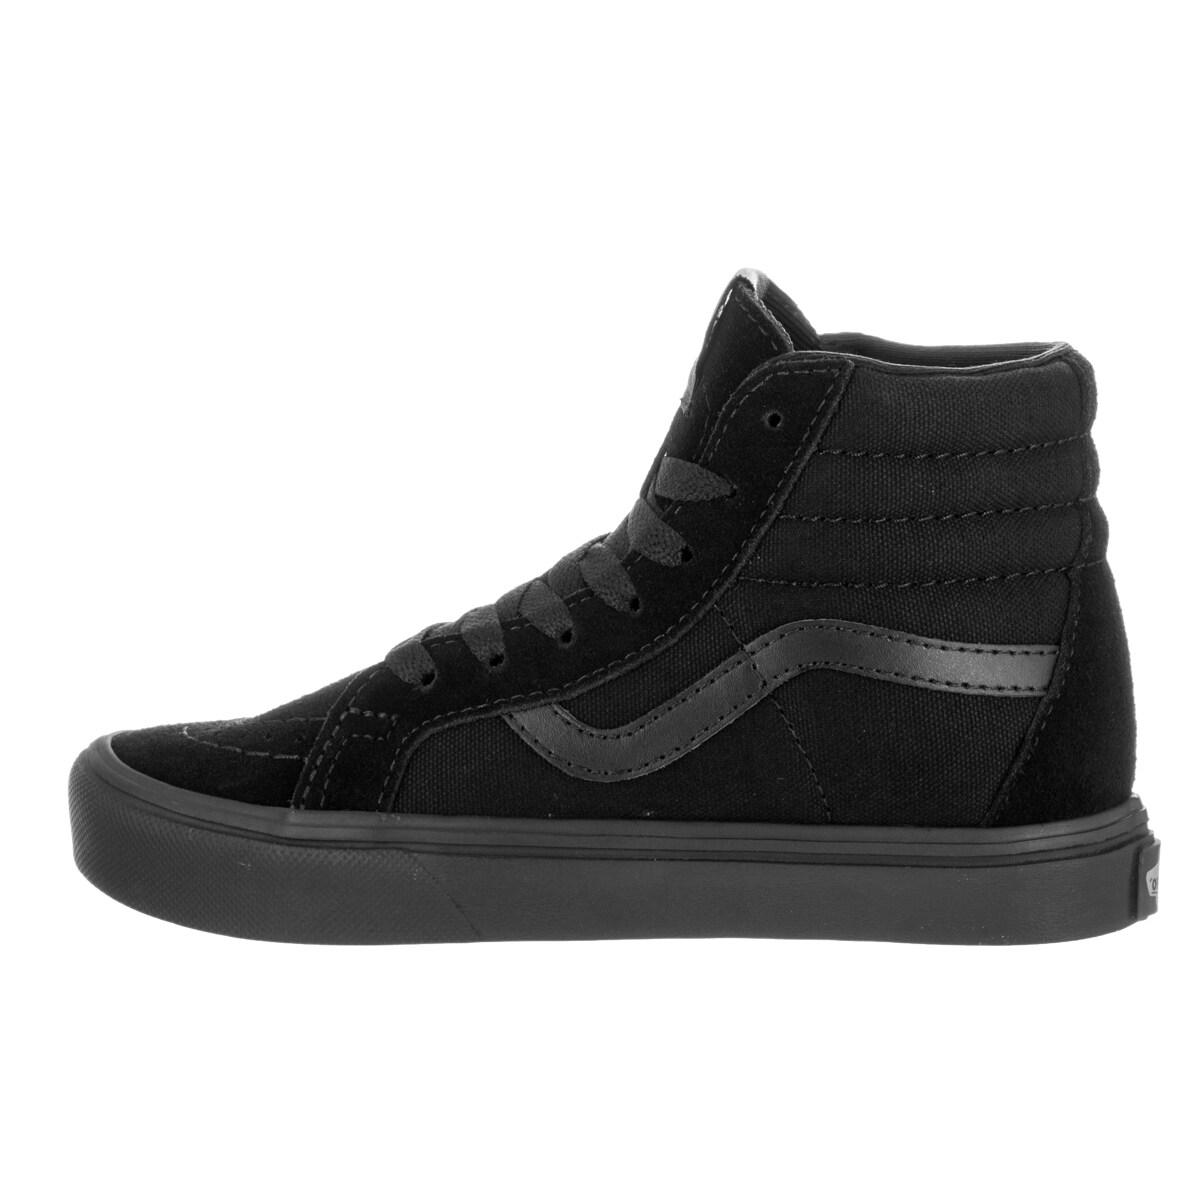 1286f9e881 Shop Vans Kids Sk8-Hi Reissue Lite Black Black Skate Shoes - Ships To  Canada - Overstock.ca - 13394016